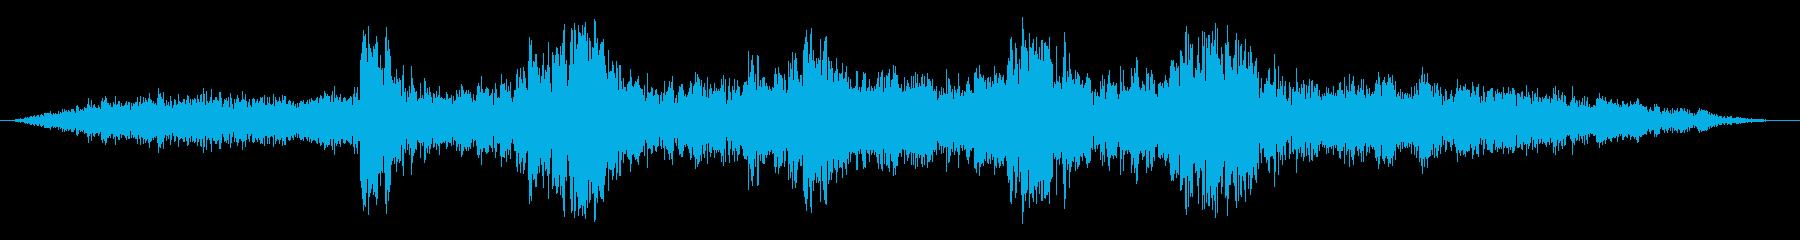 ダークなアンビエント 30秒版の再生済みの波形